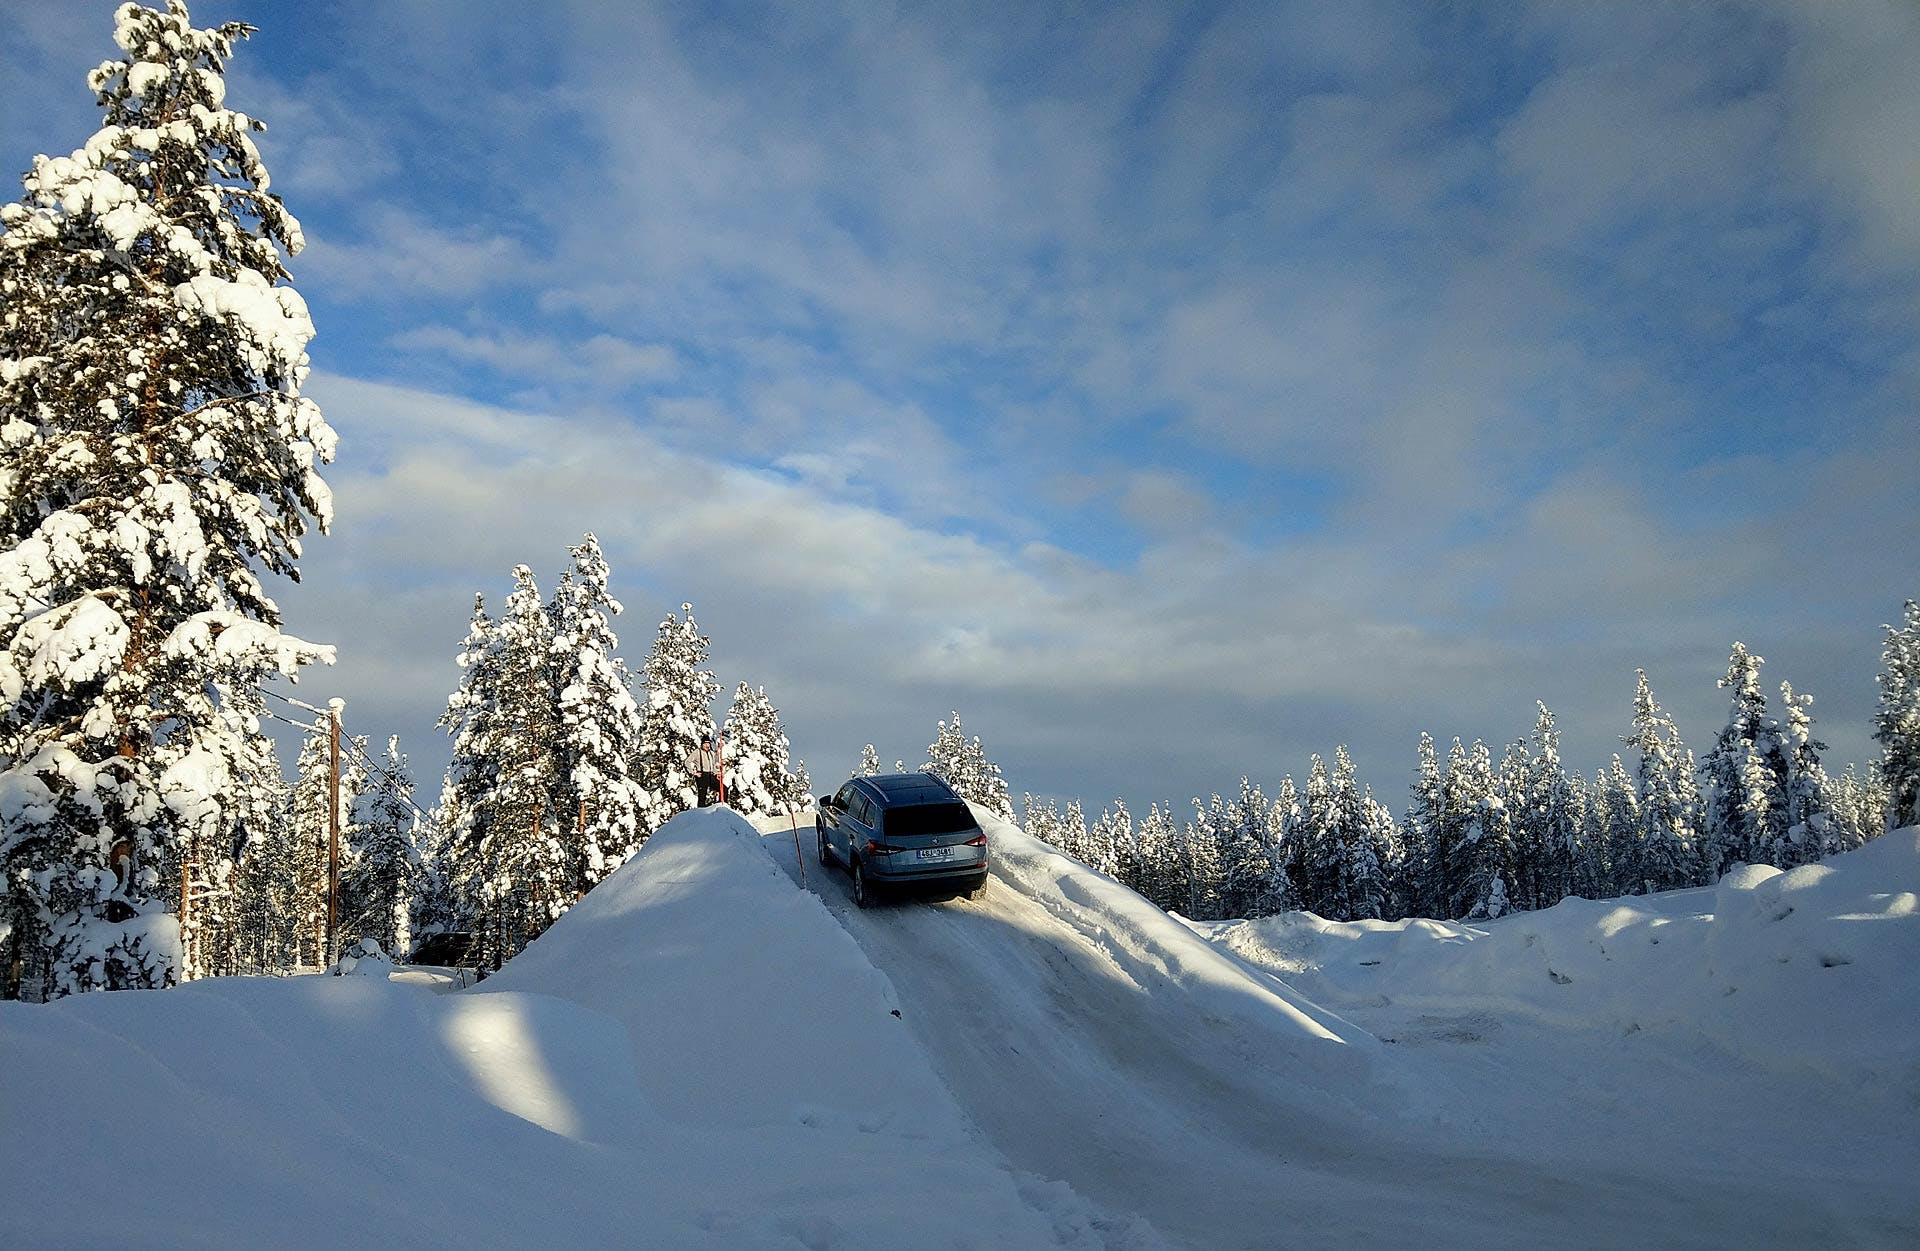 Škoda Kodiaq scala una pendenza completamente innevata a Rovaniemi in Lapponia